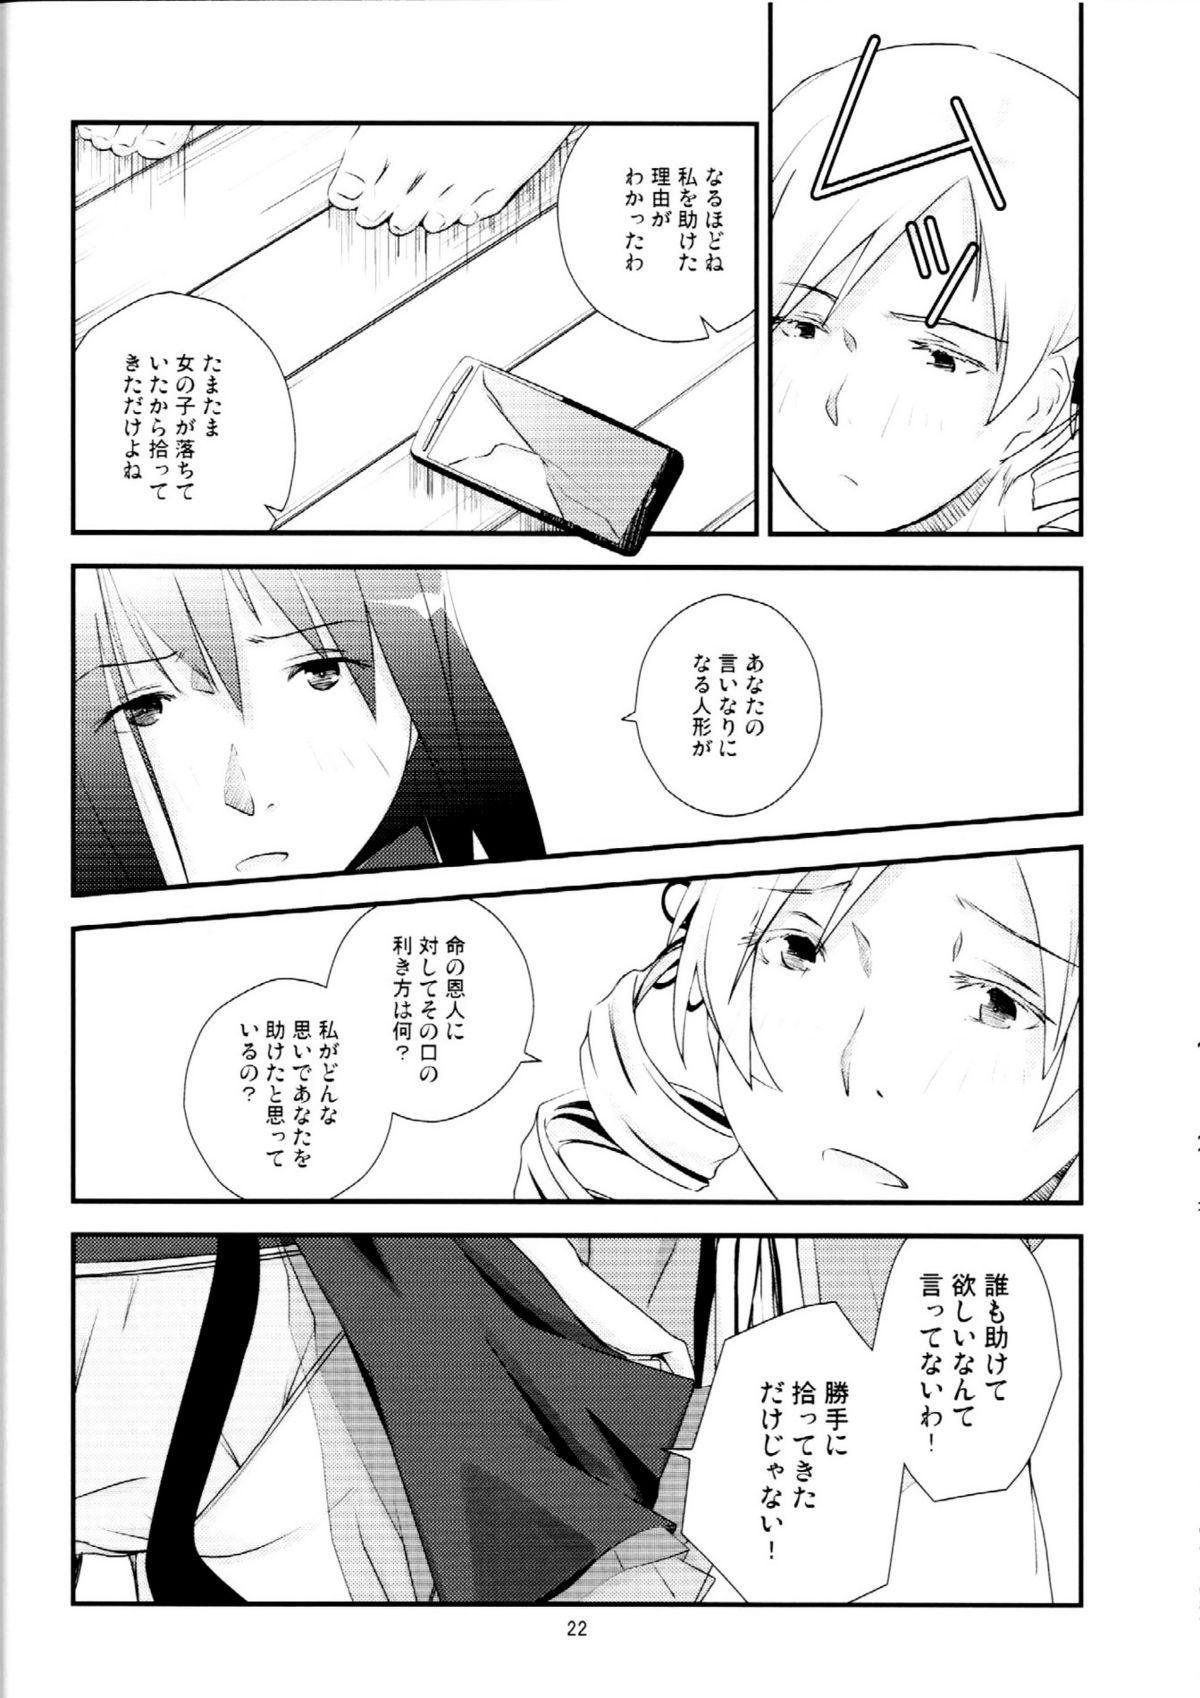 Kuroneko to Shoujo 20